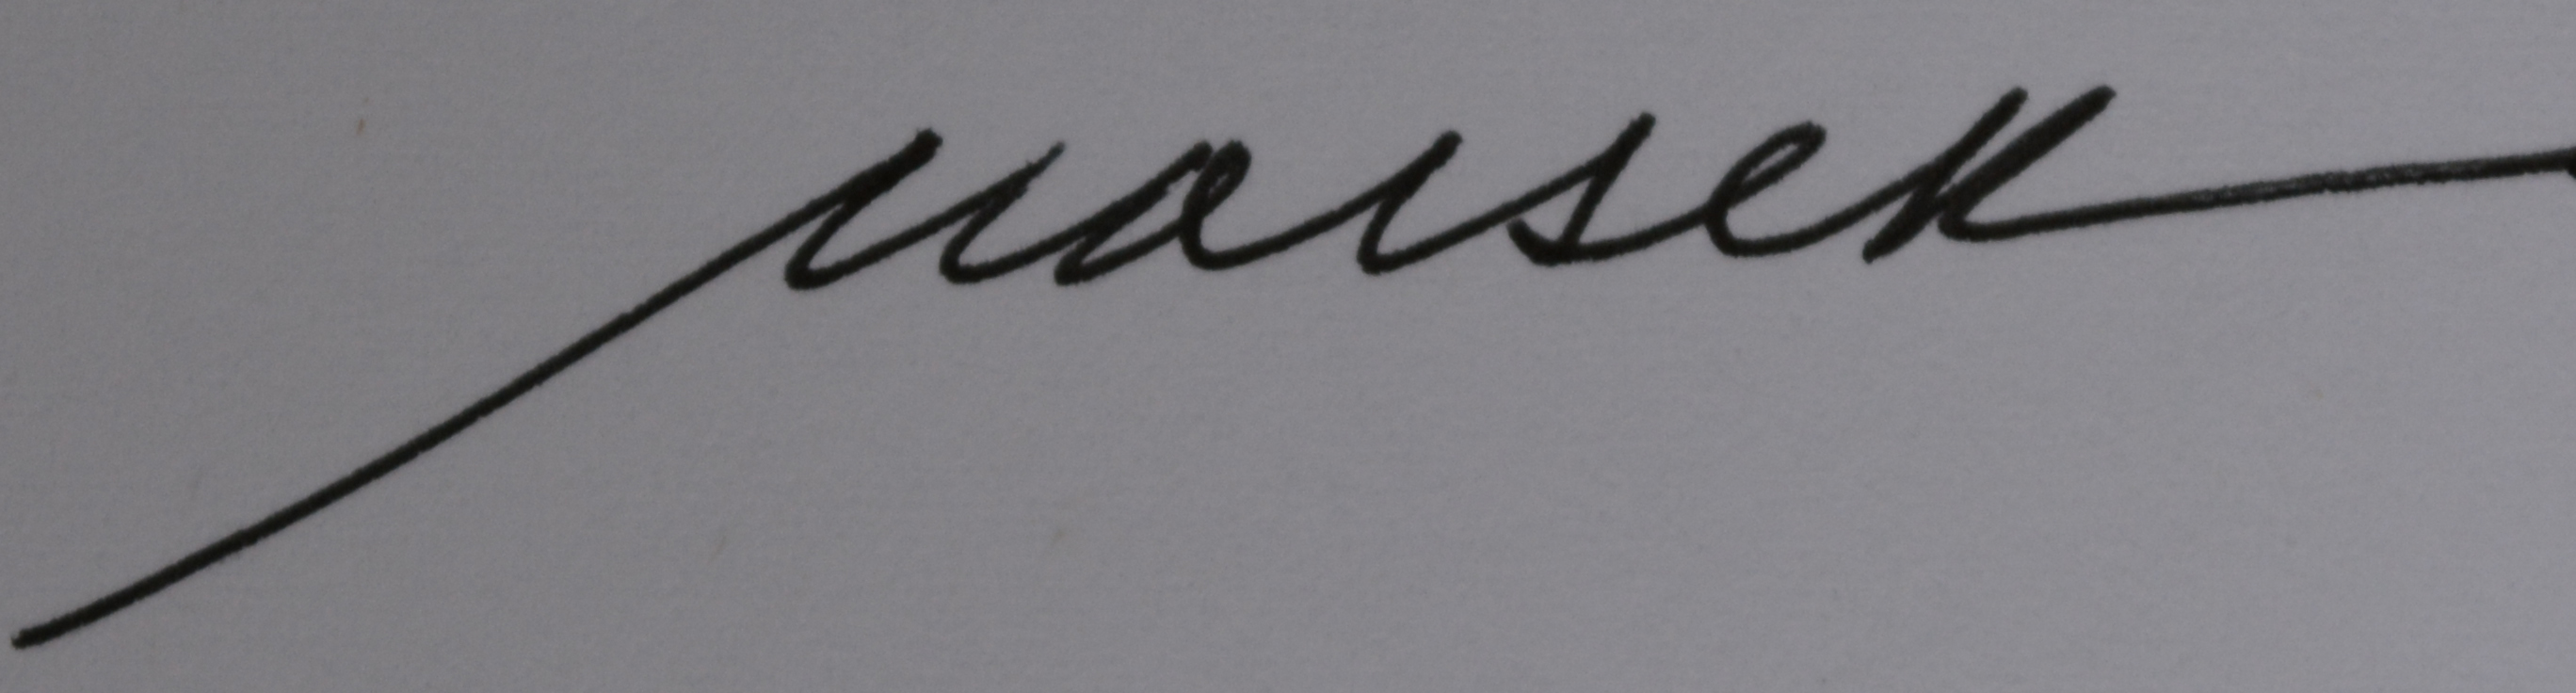 Barbara Maiser's Signature